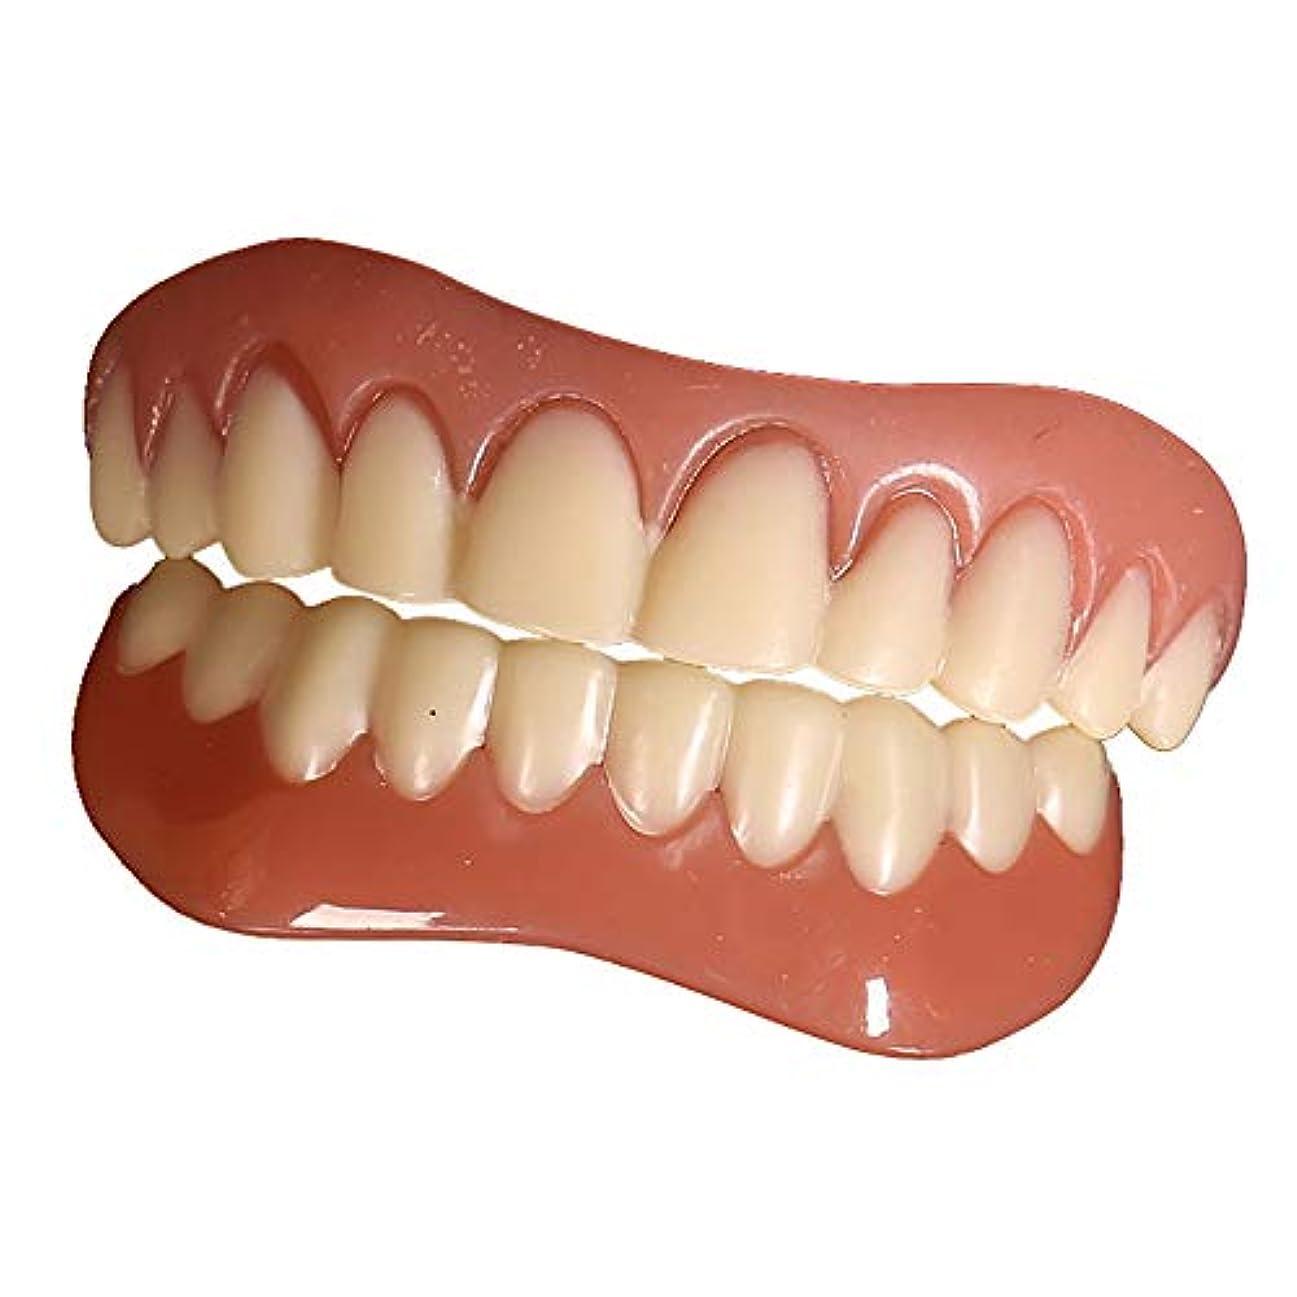 お誕生日パール連邦パーフェクトインスタントスマイルティースベニヤインスタントビューティー2本入れ歯2本下歯(フリーサイズ(中))